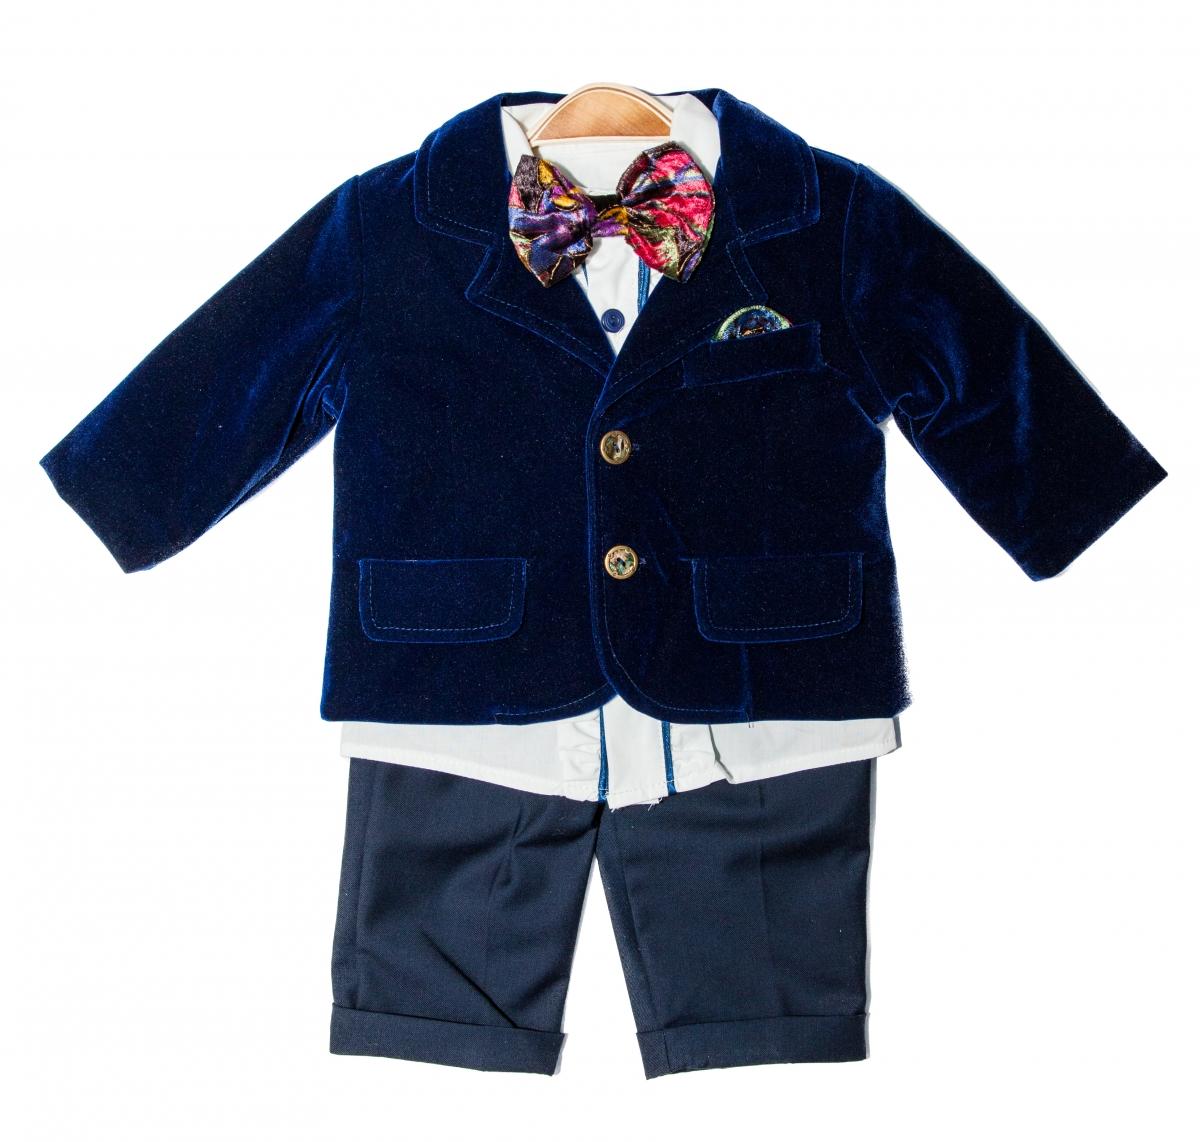 Costum baieti botez Ralph albastru 3luni-9luni